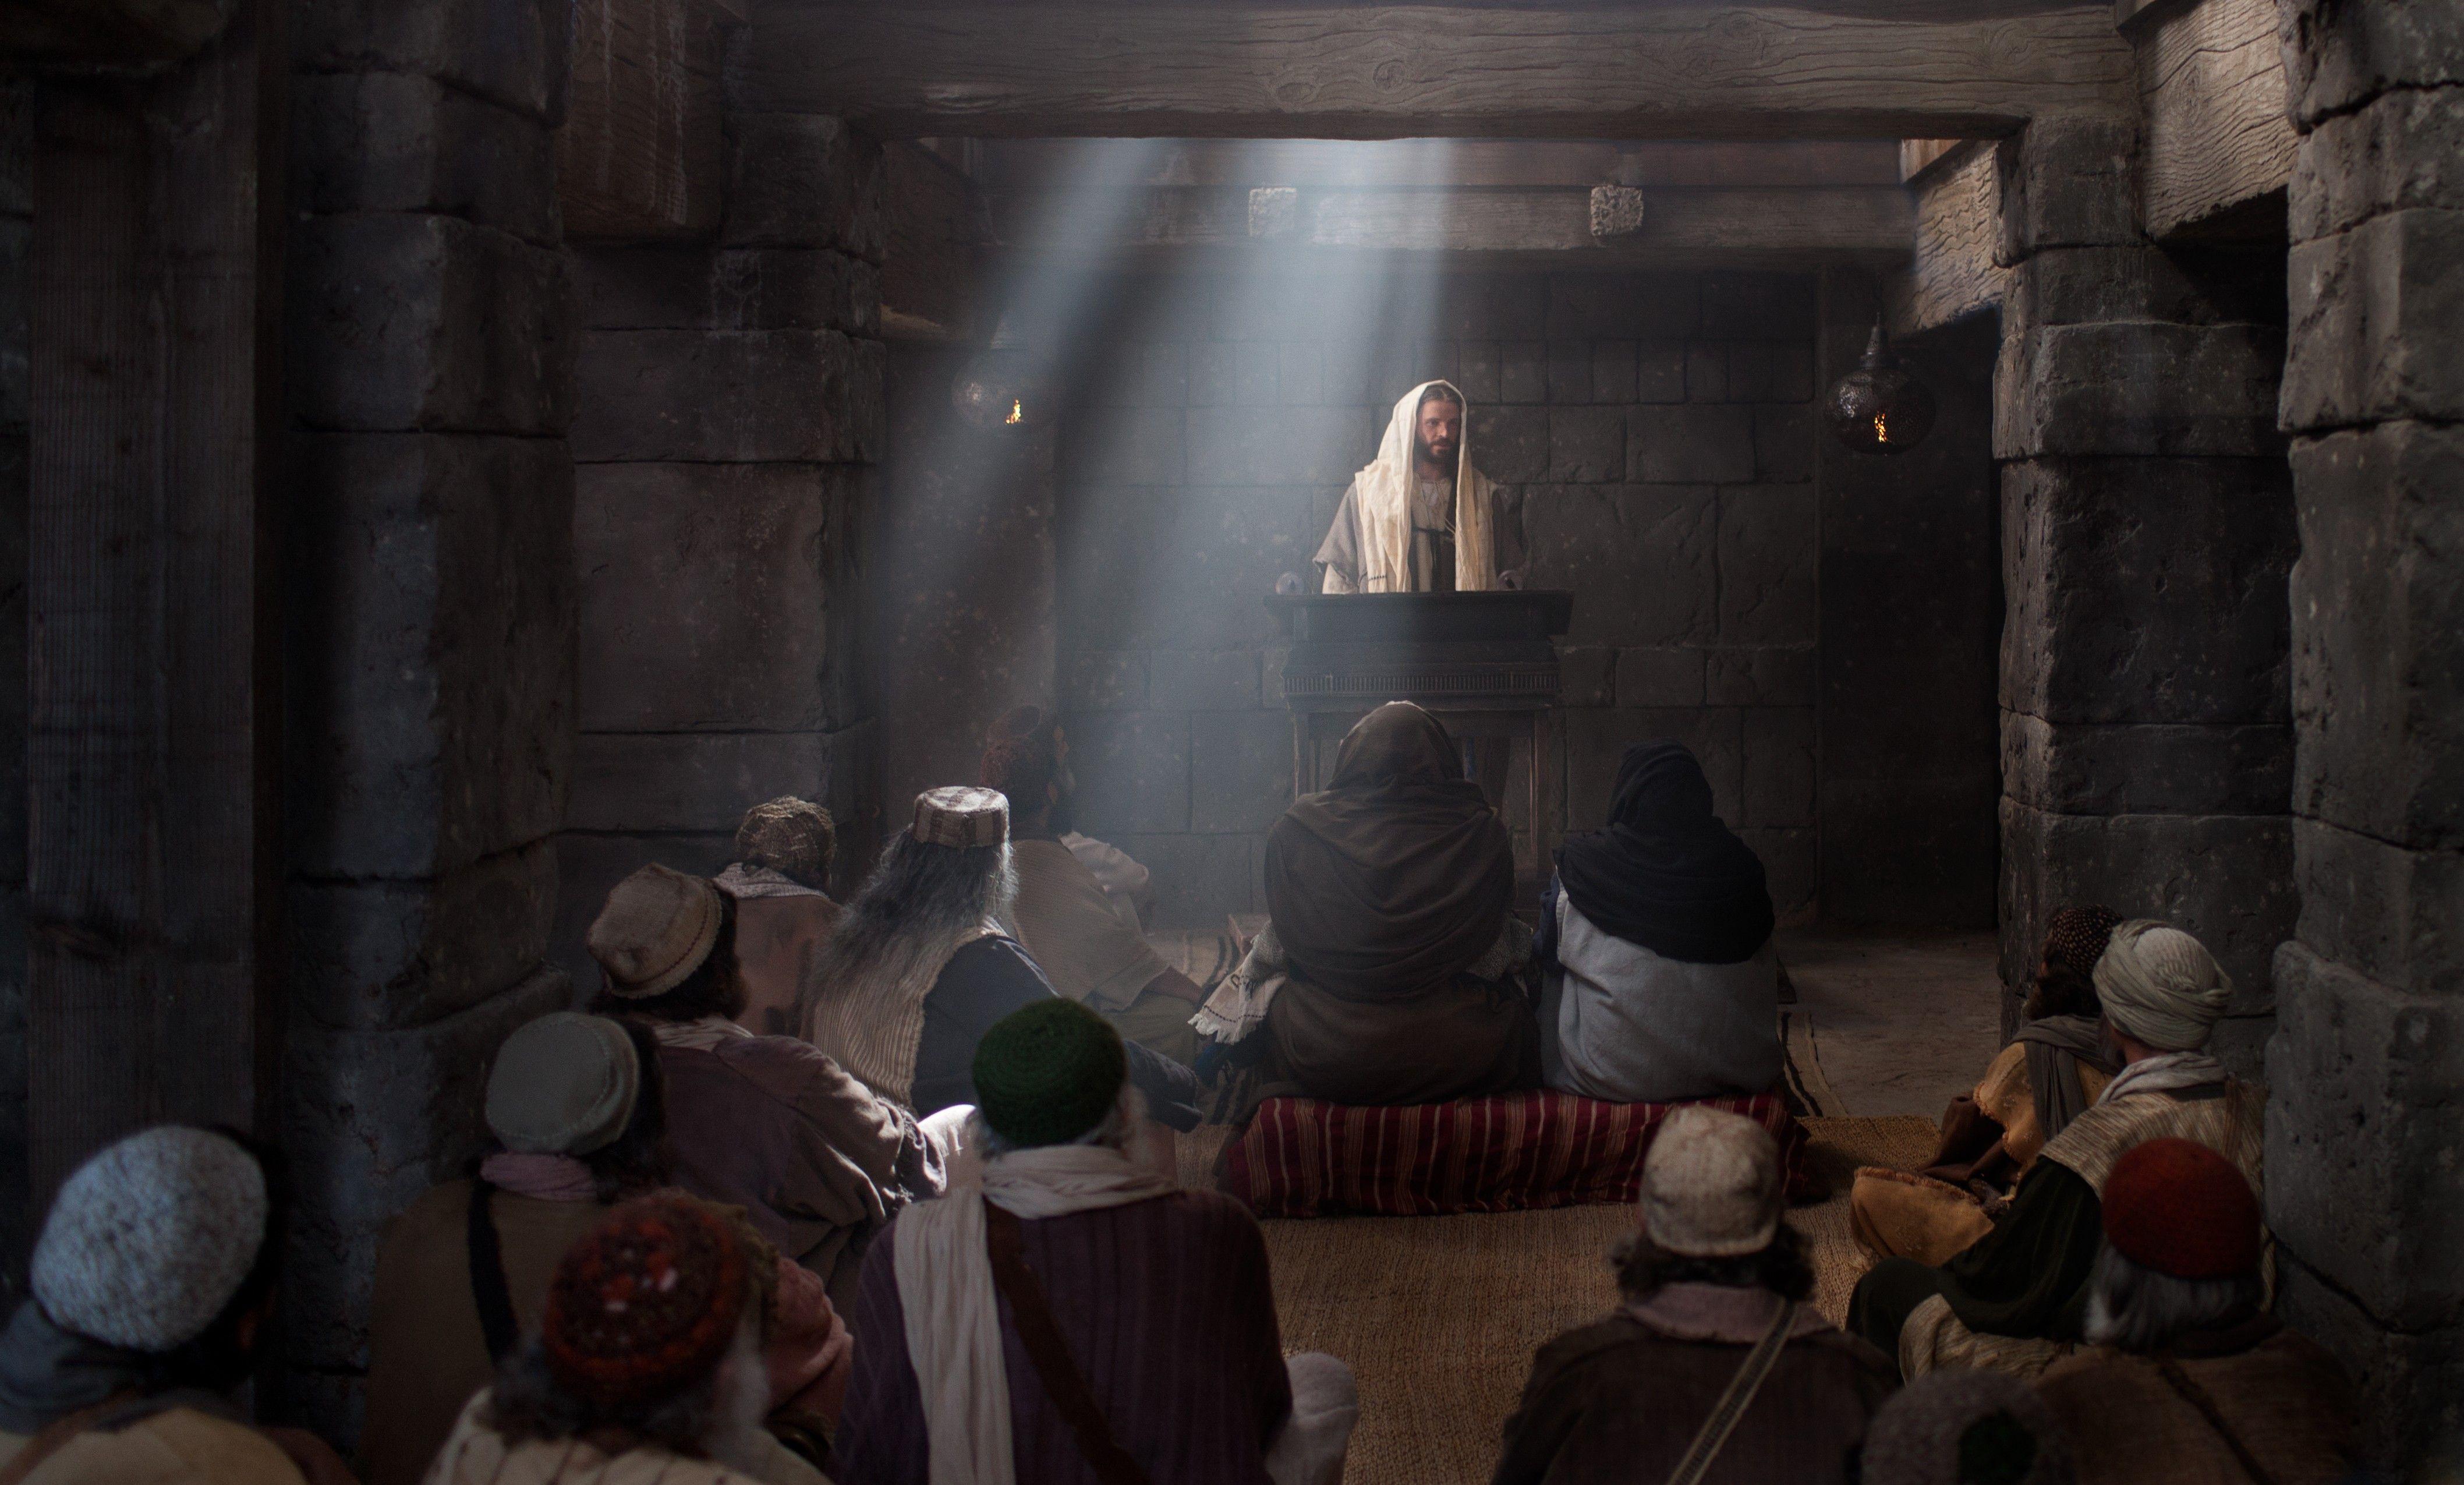 Jesus preaches in the temple.